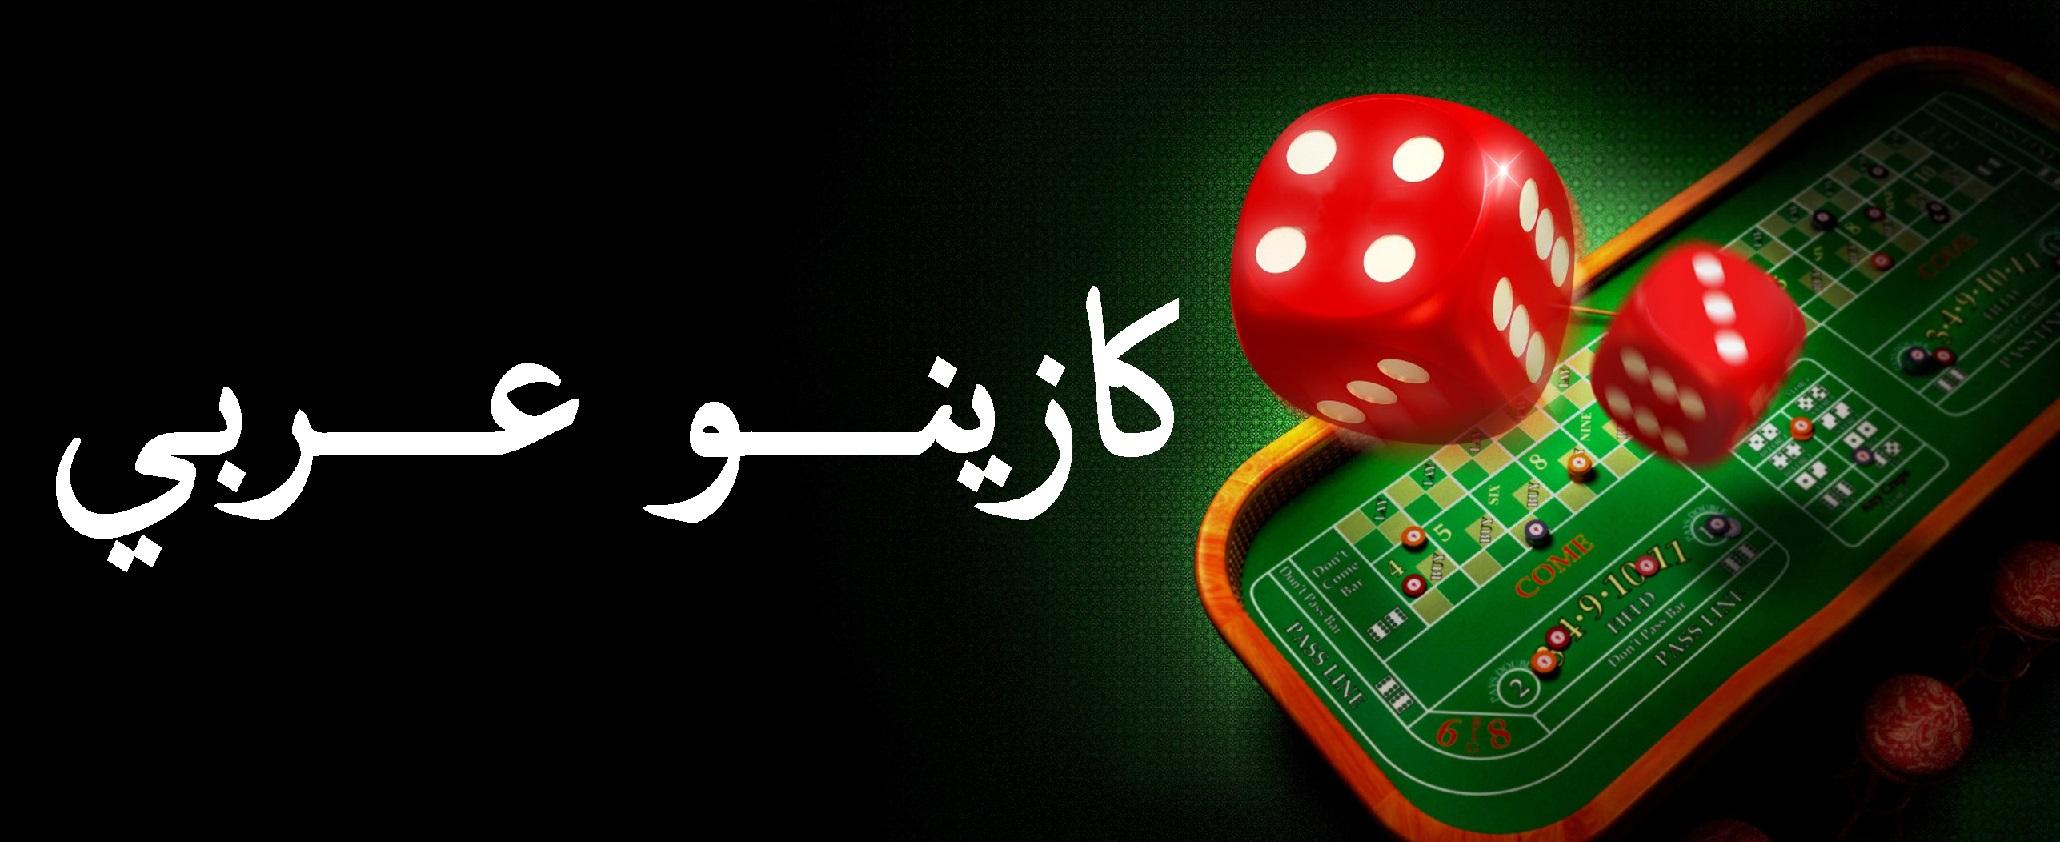 لعبة القمار 466367